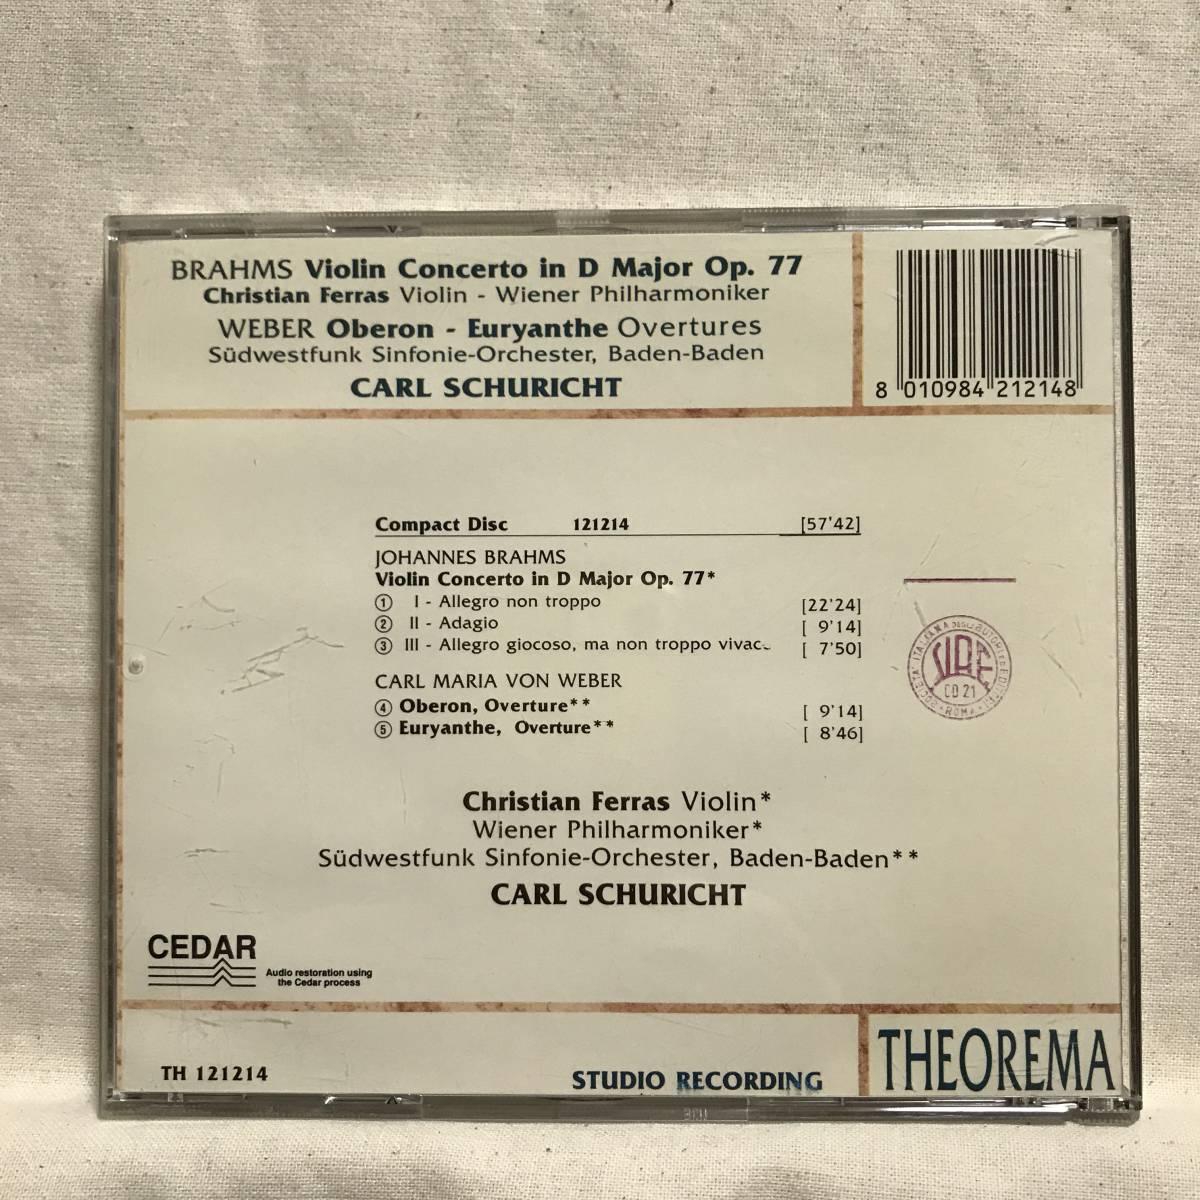 フェラス (Vn) / ブラームス:ヴァイオリン協奏曲 / シューリヒト &ウィーン・フィル●CEDAR (DECCA音源) ドイツ盤   _画像2